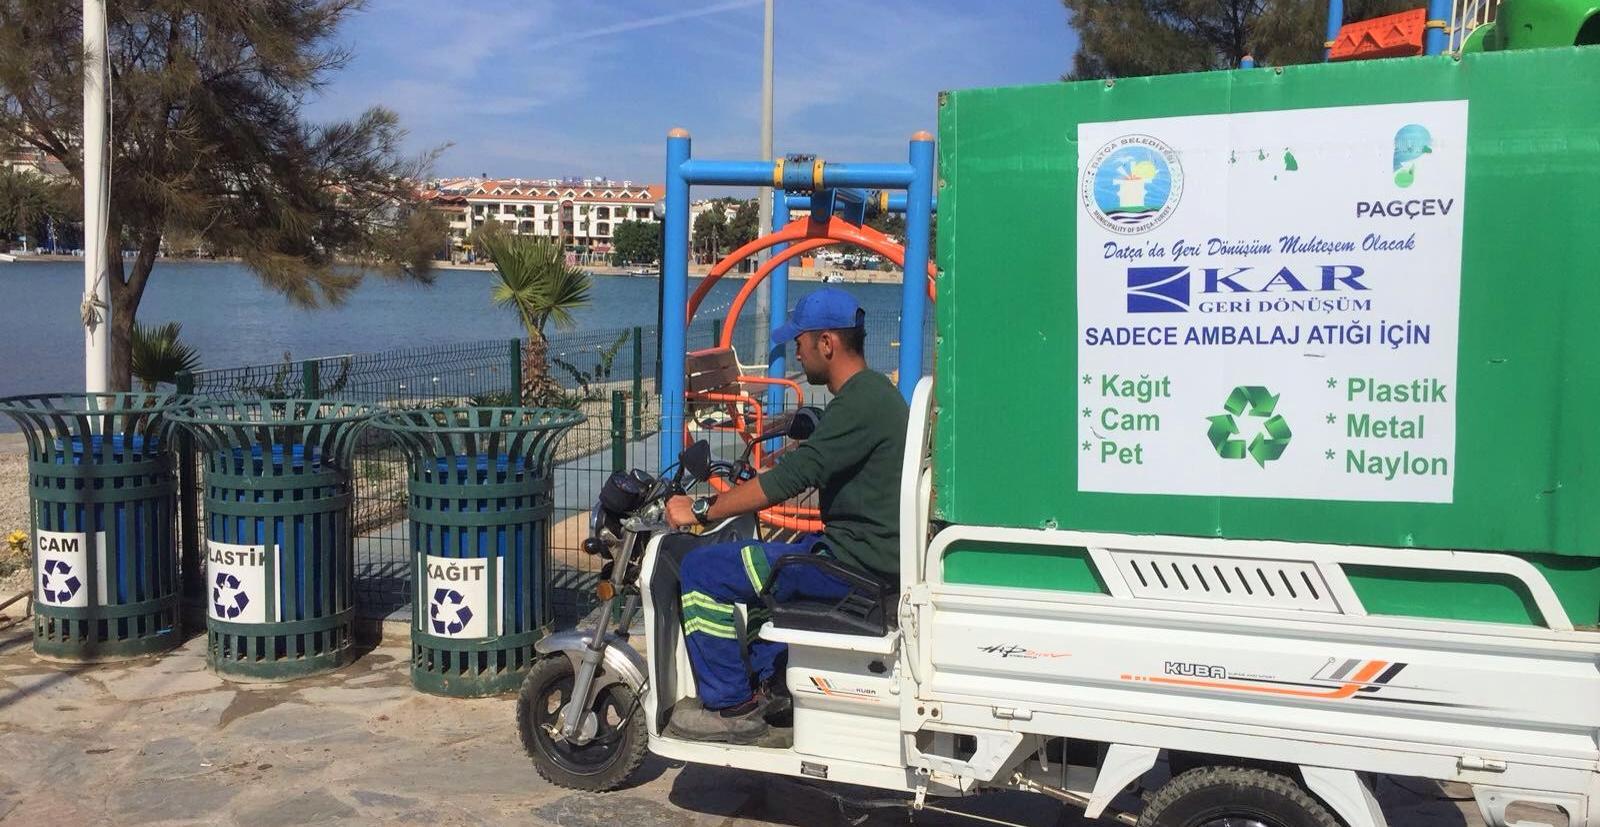 Ambalaj Atıklarını Toplamada Çevreci Bisiklet